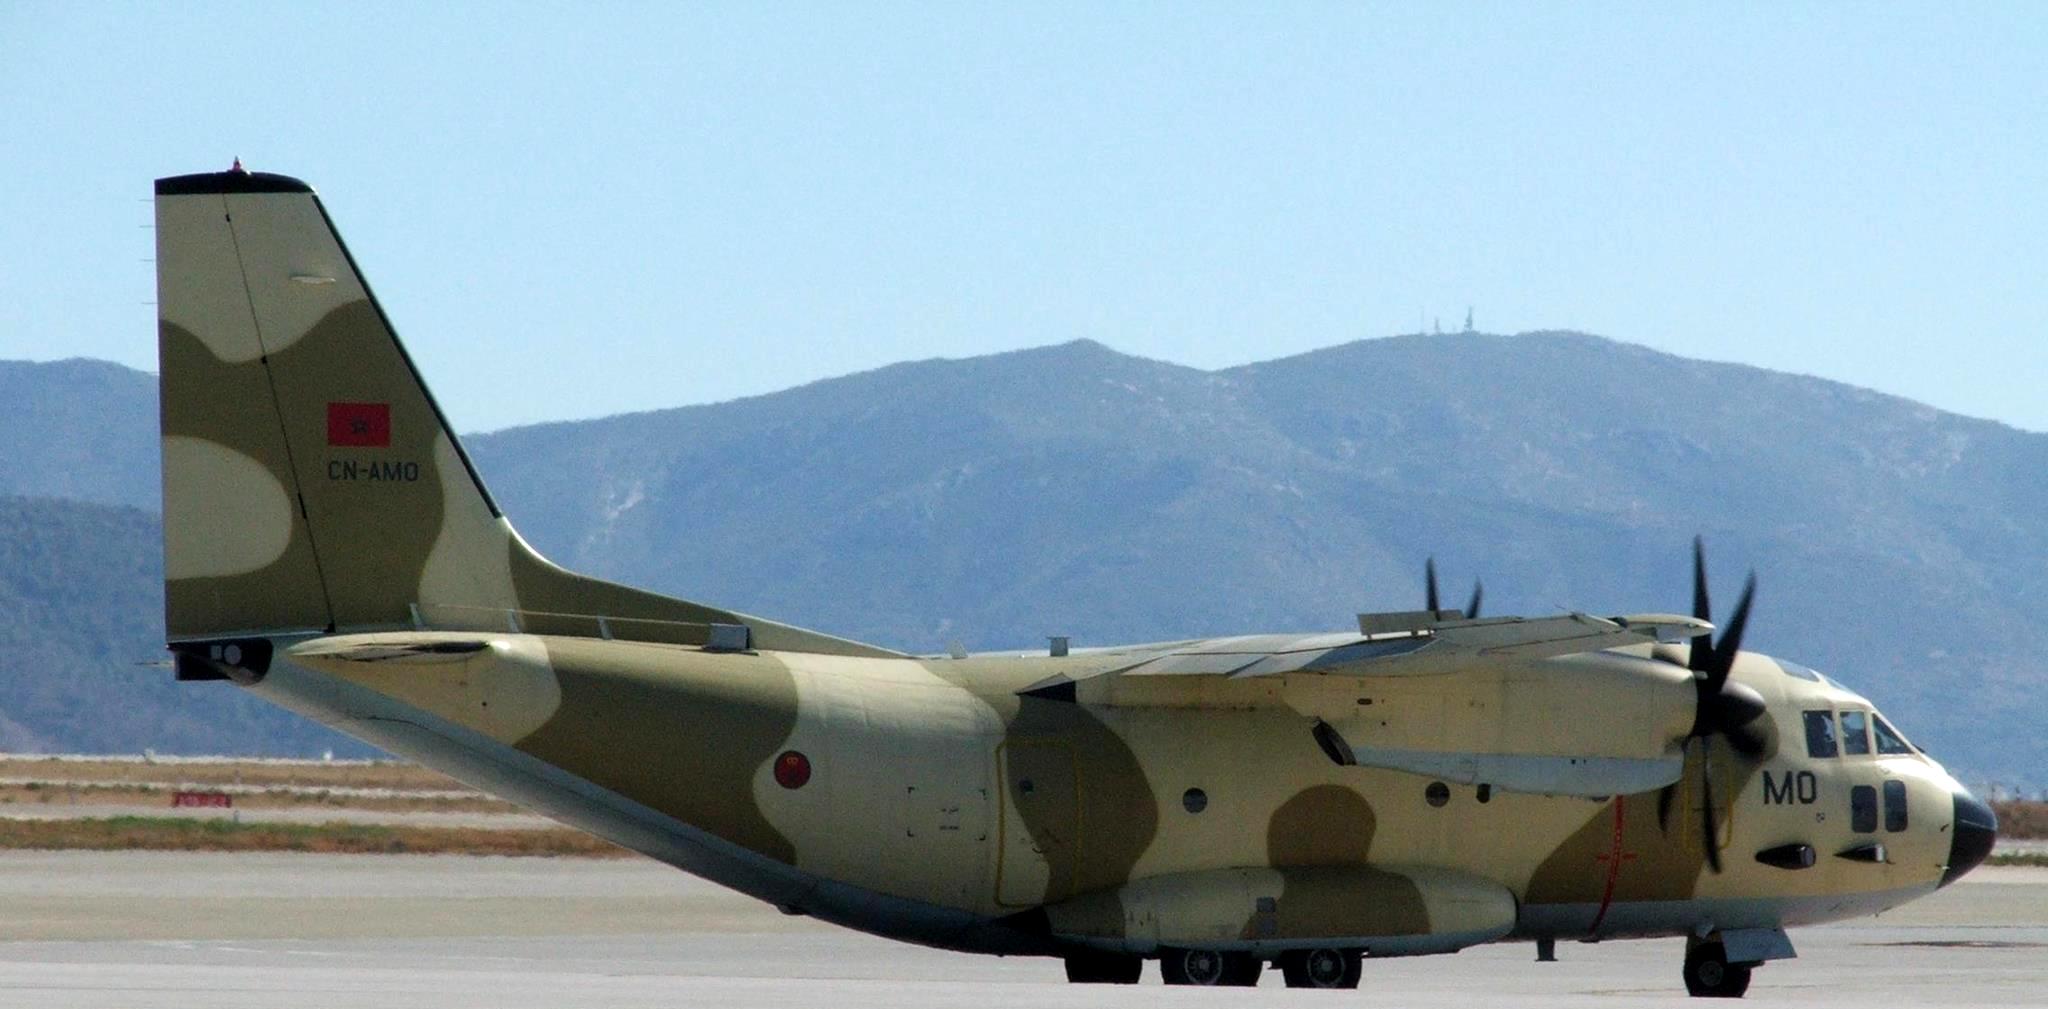 FRA: Photos d'avions de transport - Page 36 39658798433_89f91f2142_o